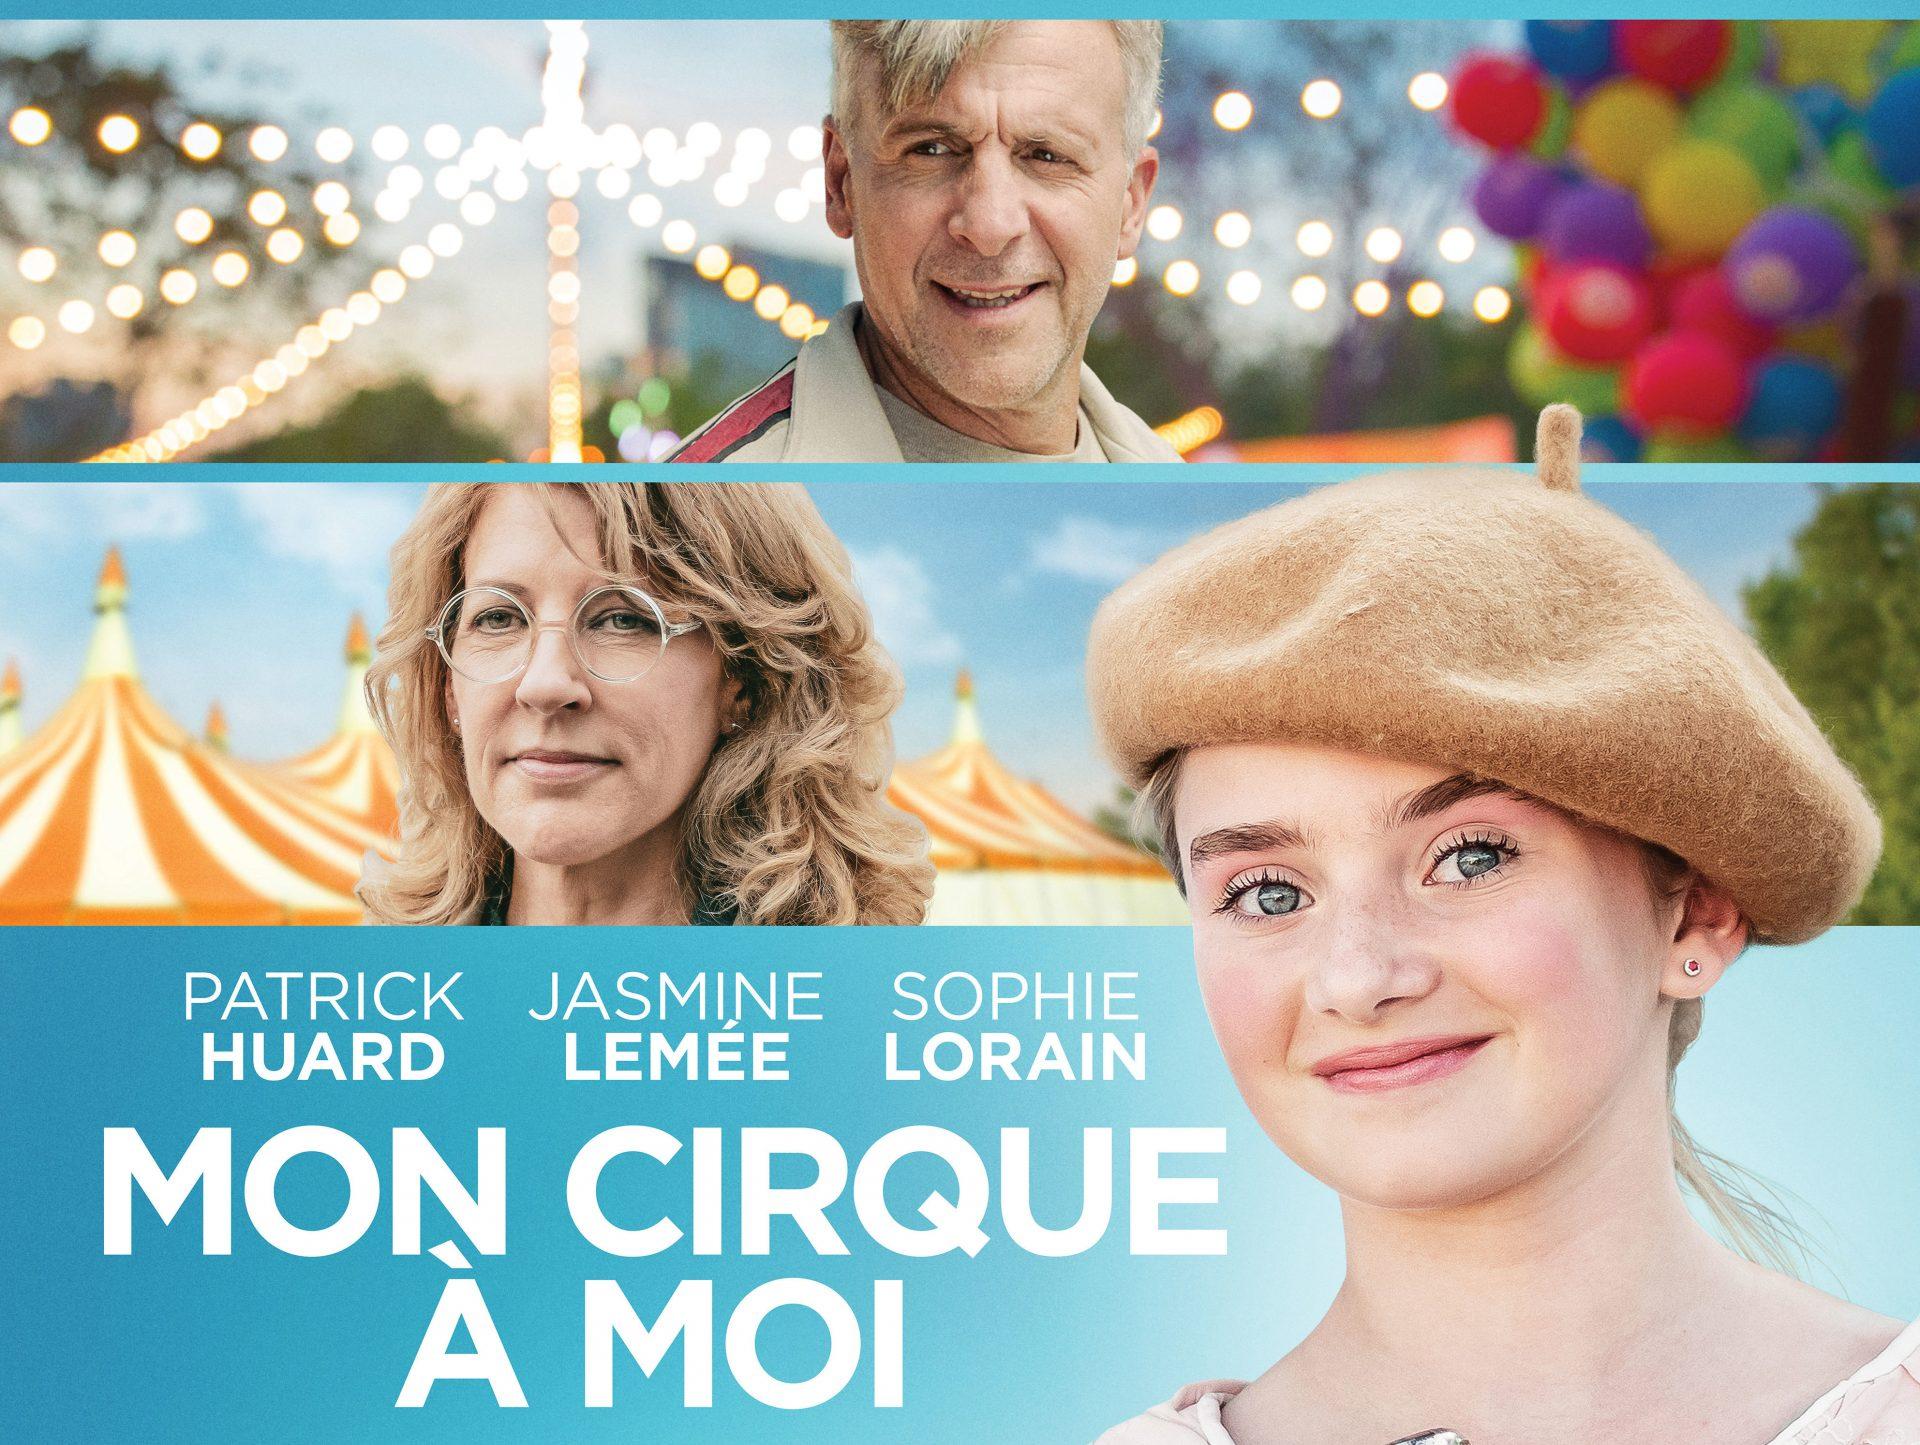 Première montréalaise et tapis rouge de « Mon cirque à moi » le 13 août 2020 prochain